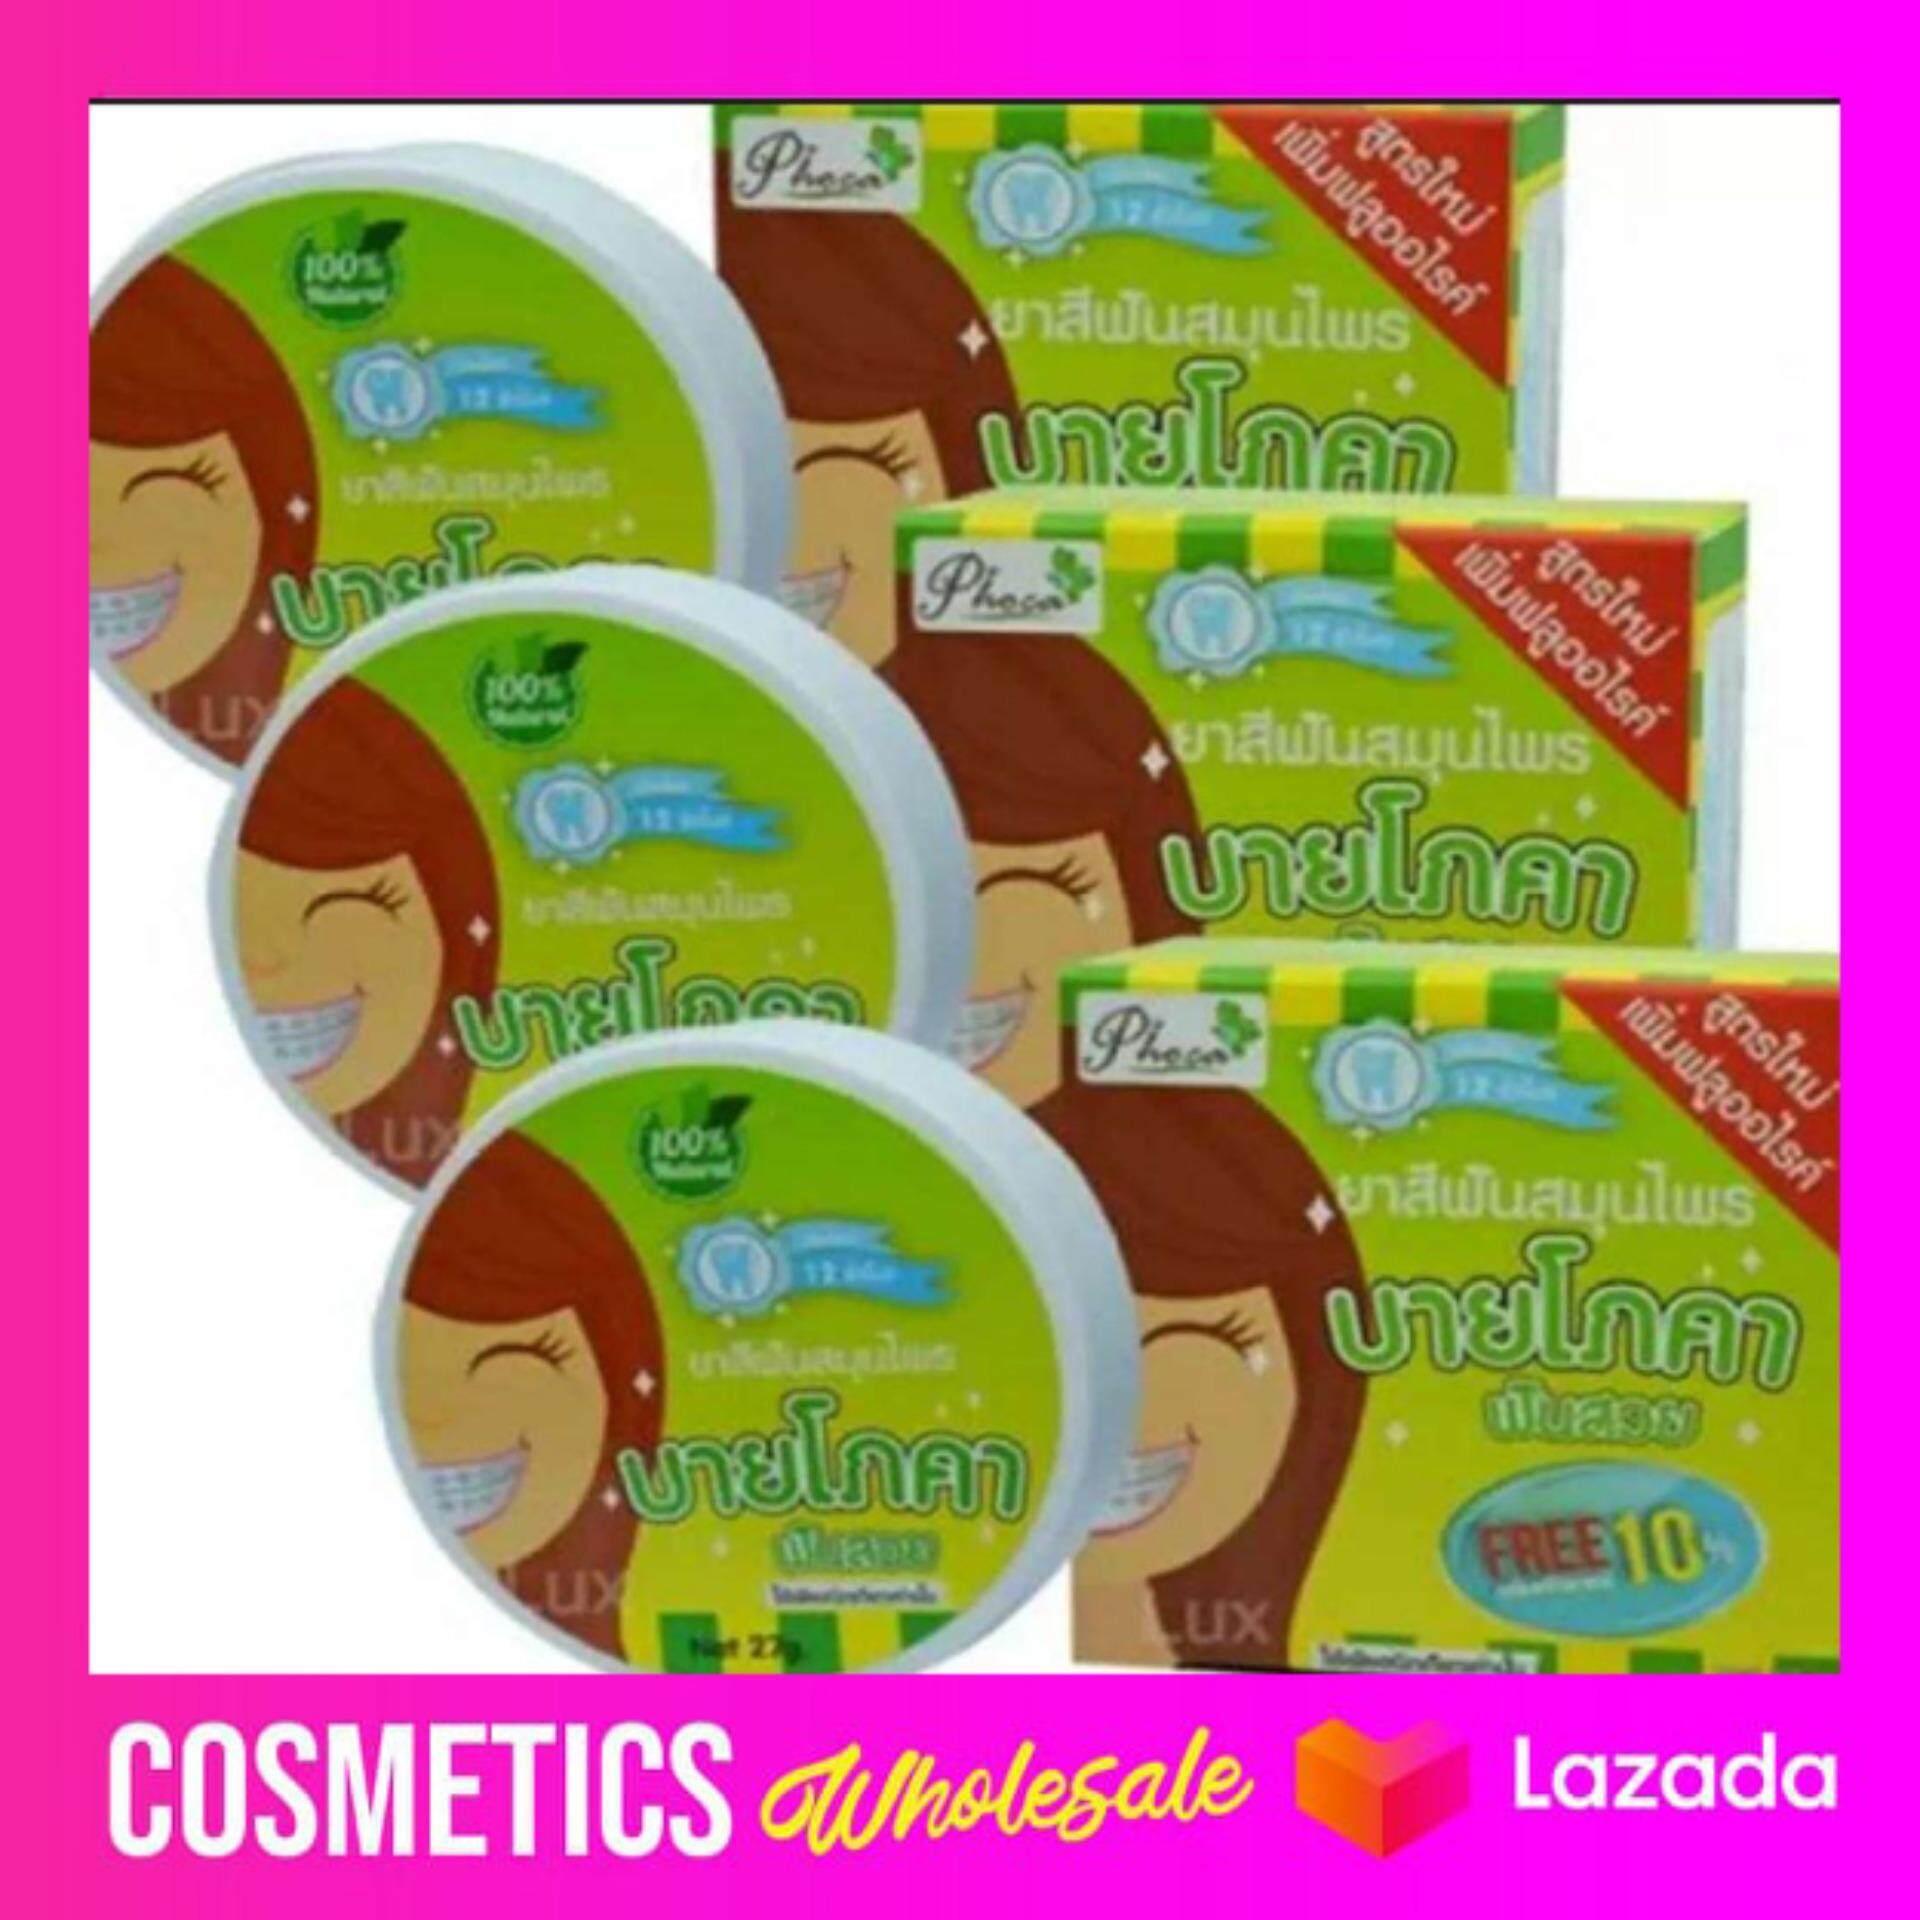 ( 3 ชิ้น/แท้100%/พร้อมส่ง) ยาสีฟัน สมุนไพร ฟันสวย บาย โภคา by phoca โพคา ฟันสวย 25 กรัม/1ตลับ